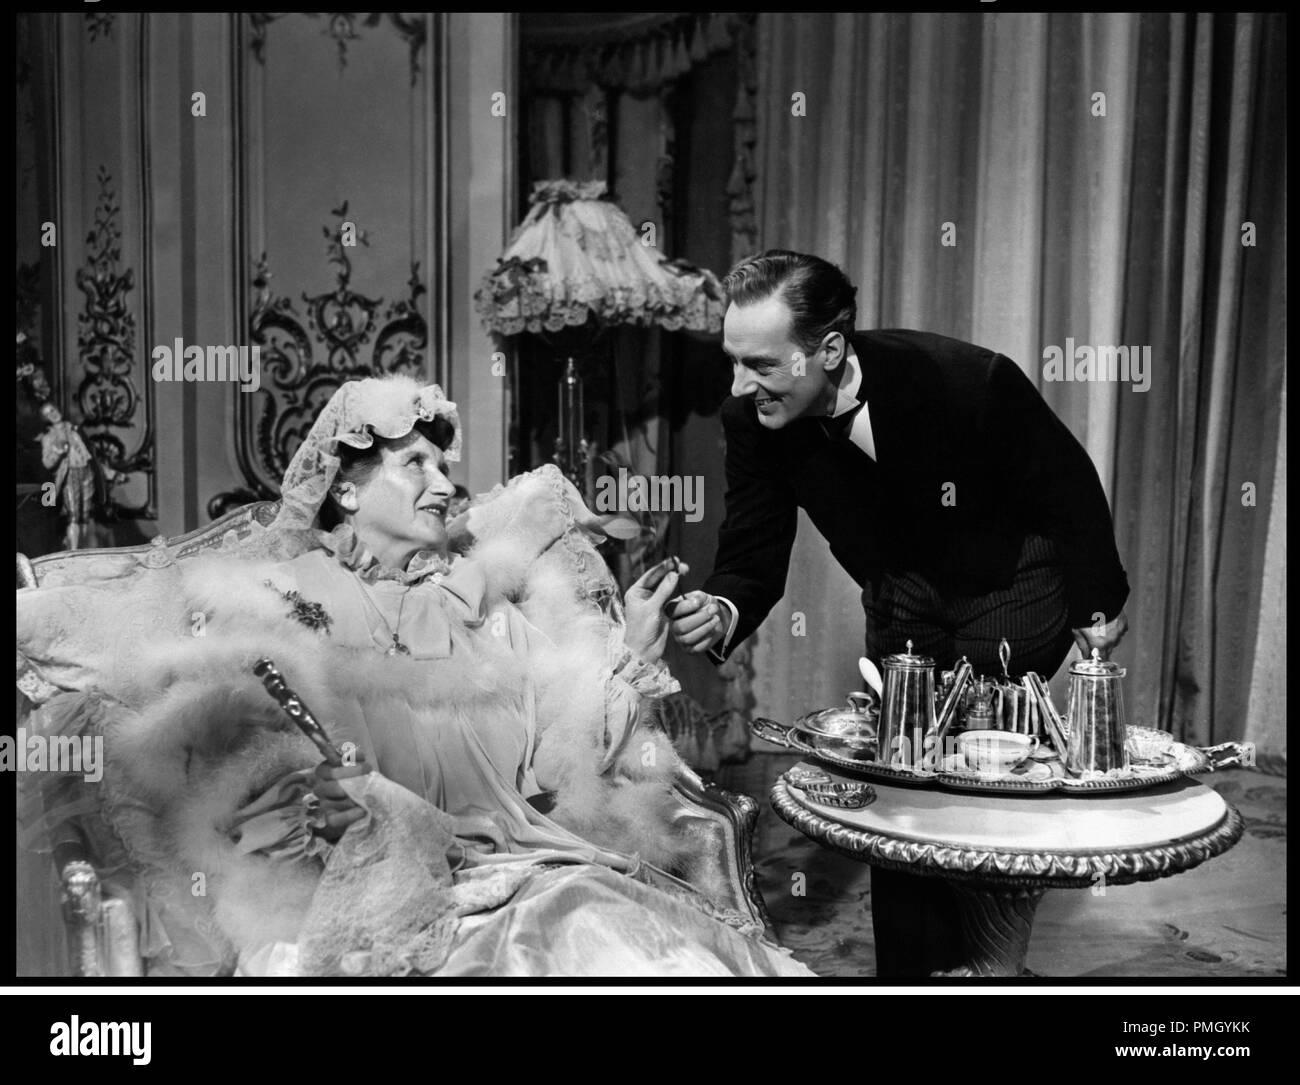 Prod DB © MGM / DR L'AMANT DE LADY LOVERLY (THE LAW AND THE LADY) de Edwin H. Knopf 1951 USA avec Marjorie Main et Michael Wilding galanterie, baise-main, politesse, education, flatterie d'apres la piece de Frederick Lonsdale - Stock Image